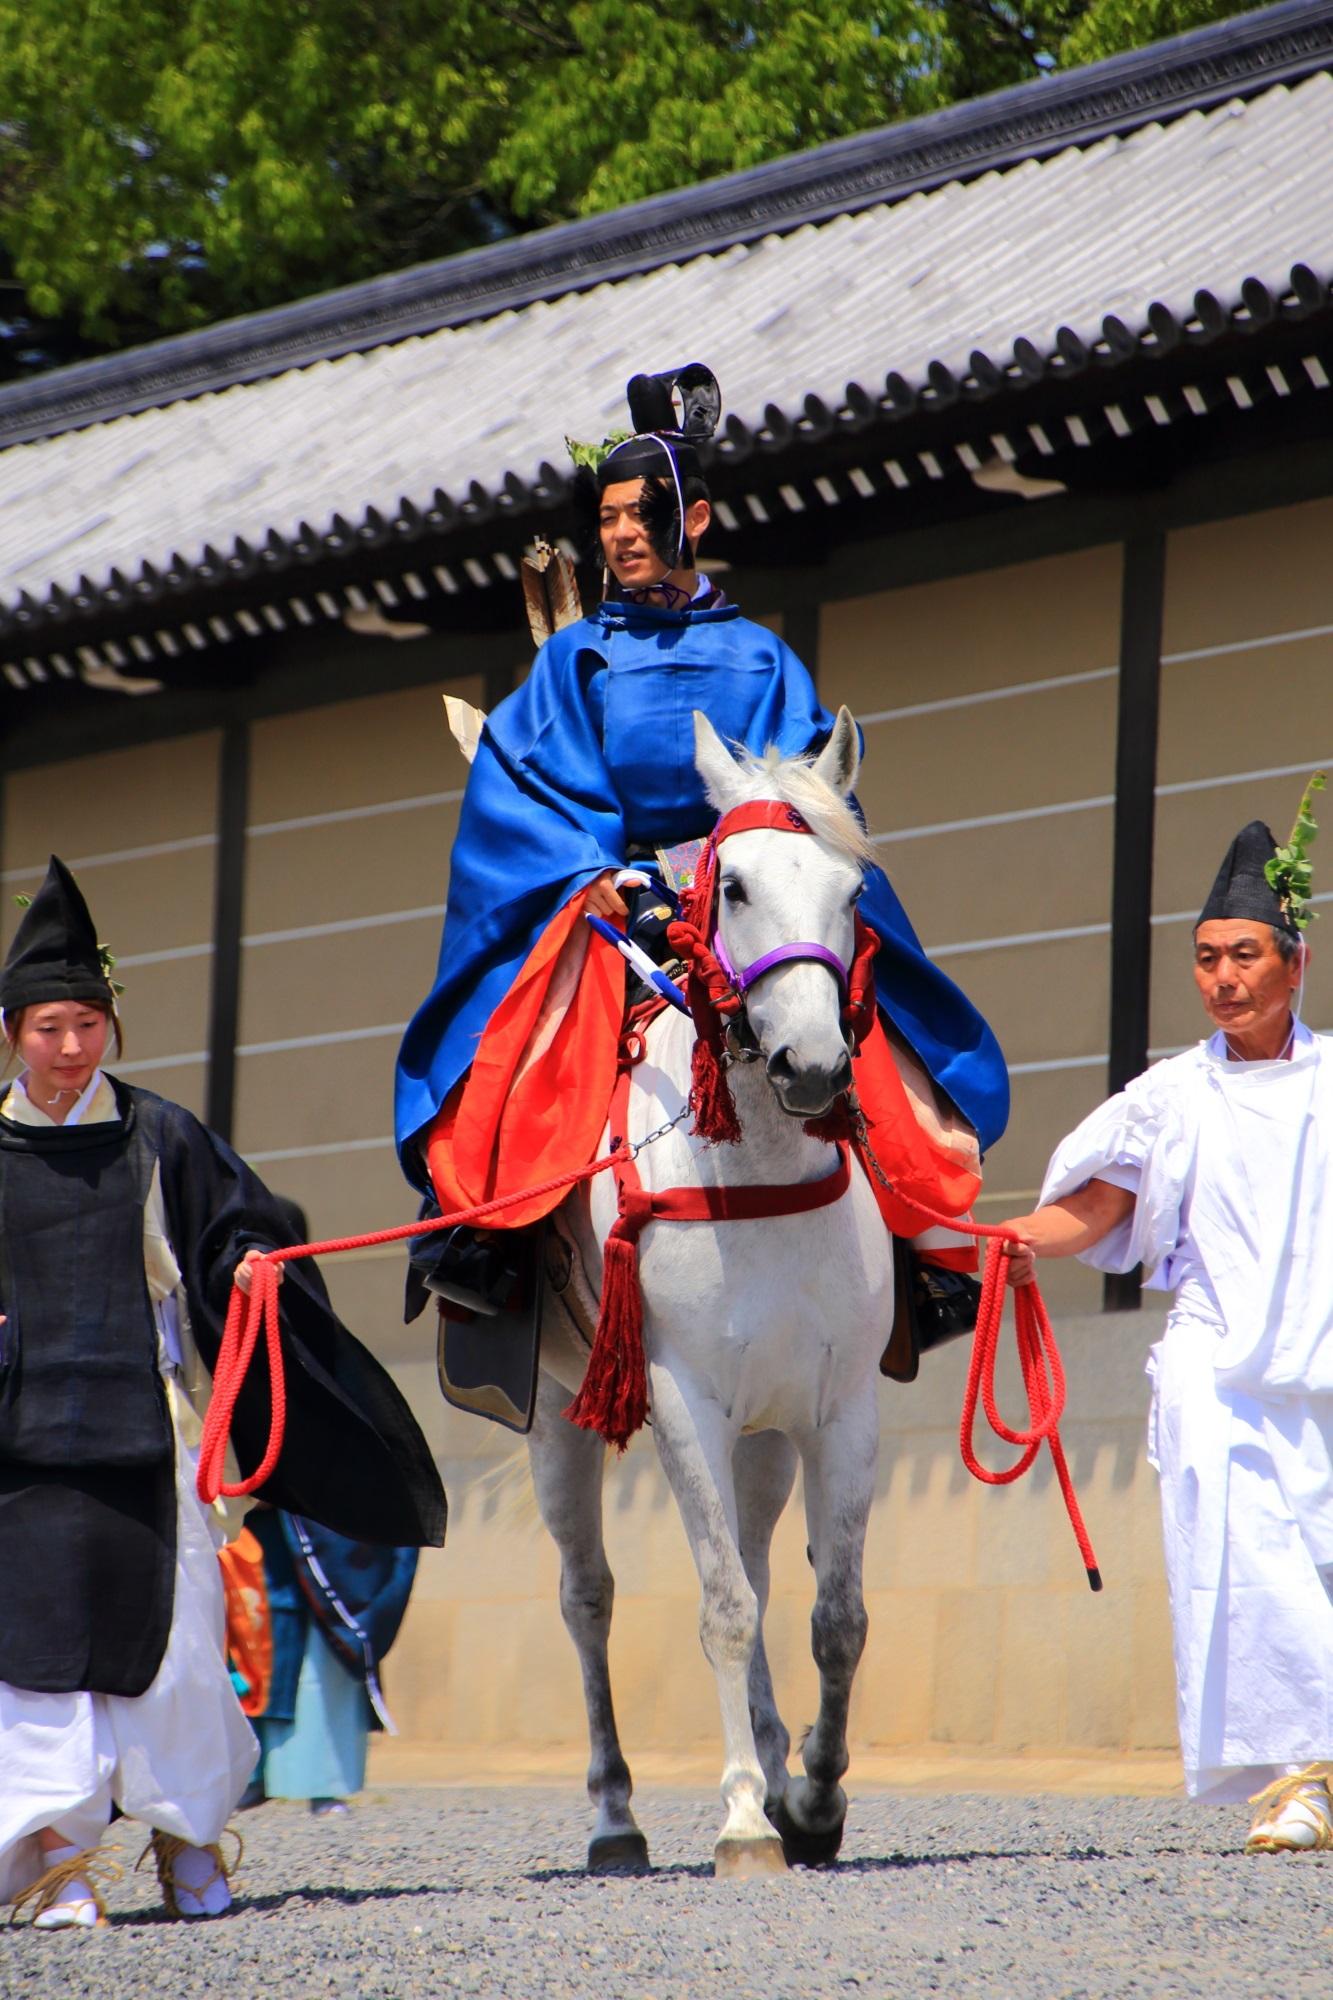 京都三大祭の一つの葵祭(あおいまつり)